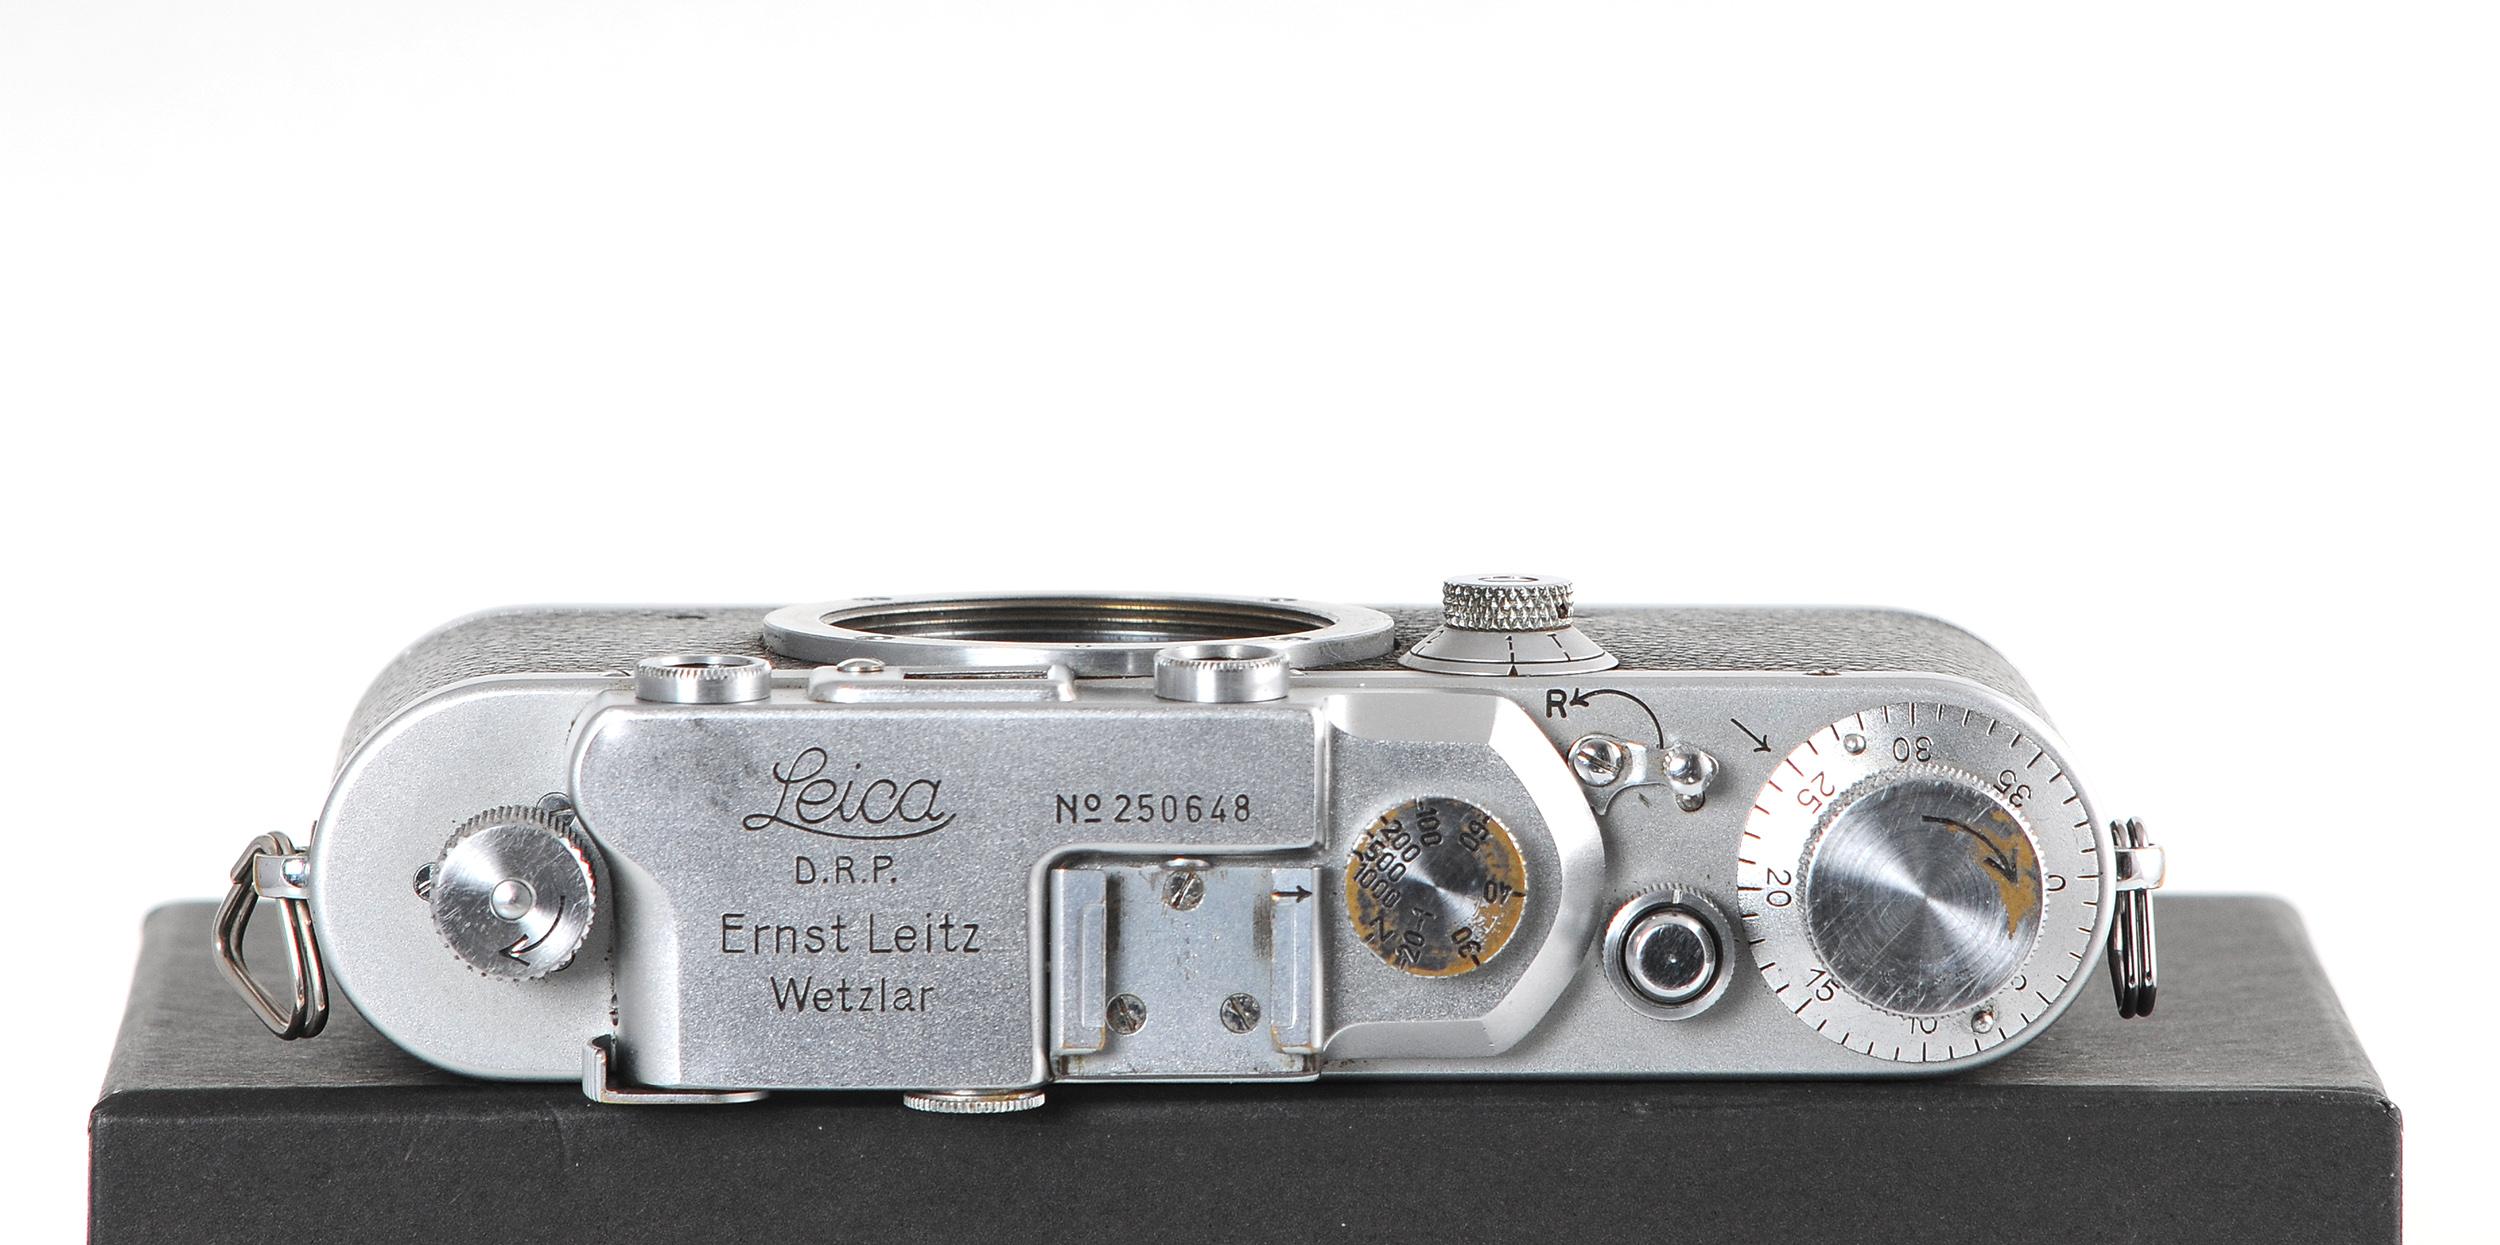 Leica superior